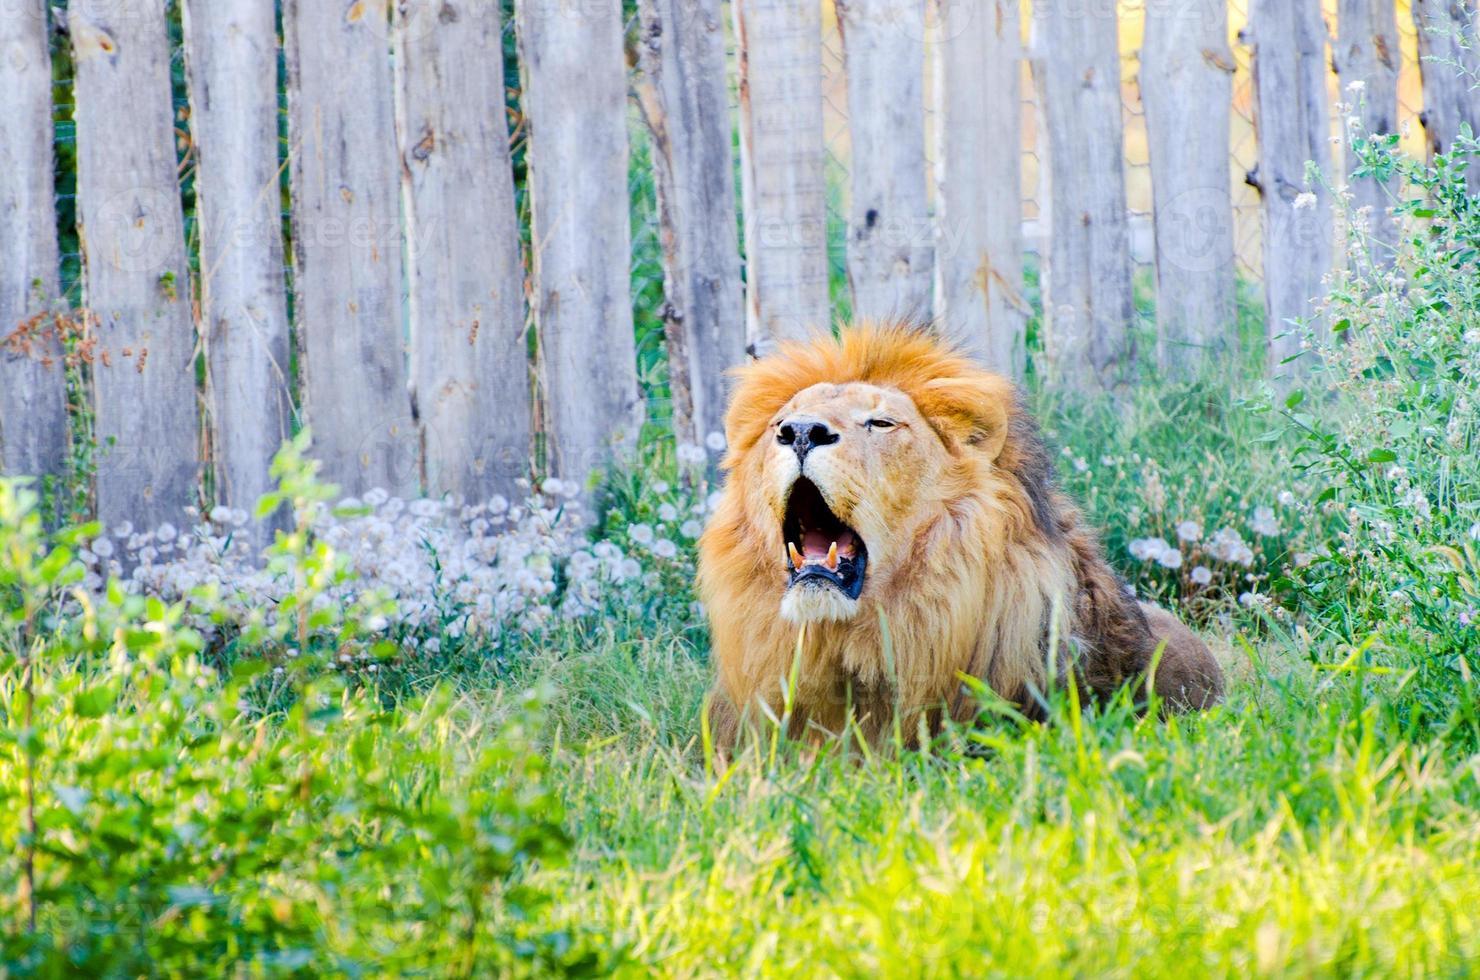 close-up tiro de leão que ruge foto